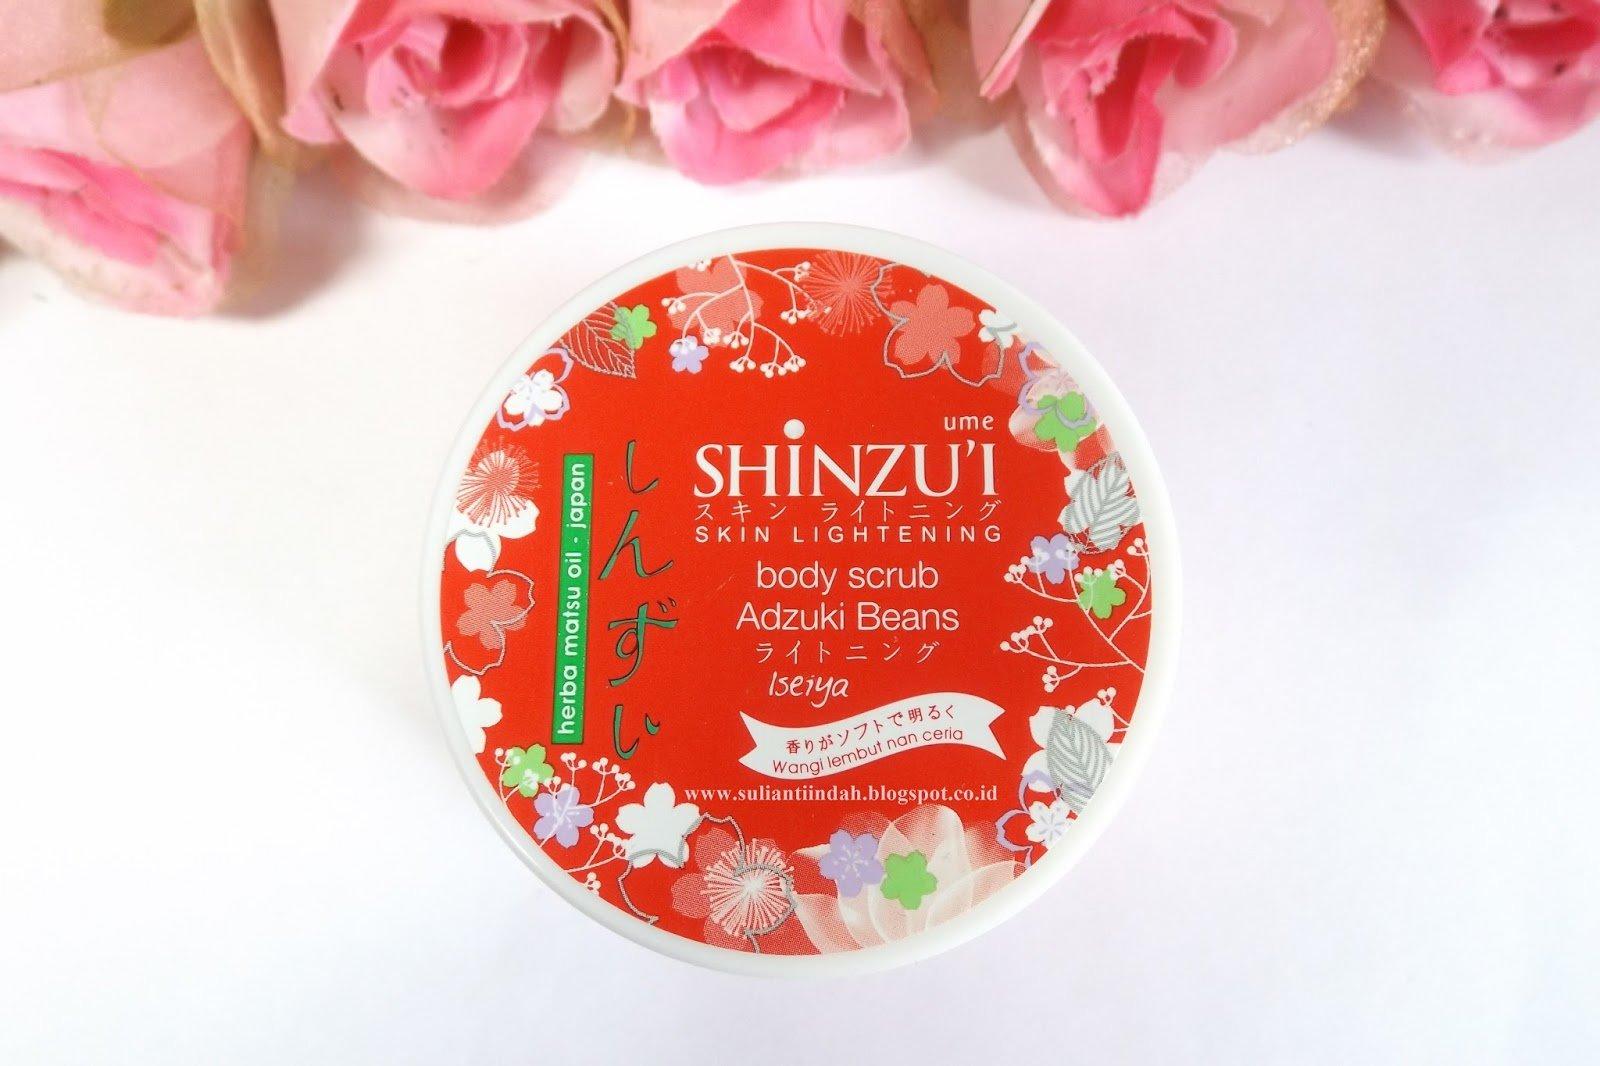 Review Shinzui Body Scrub Adzuki Beans Iseiya Beauty Dictio Scrub2bbunga1600x1066 193 Kb